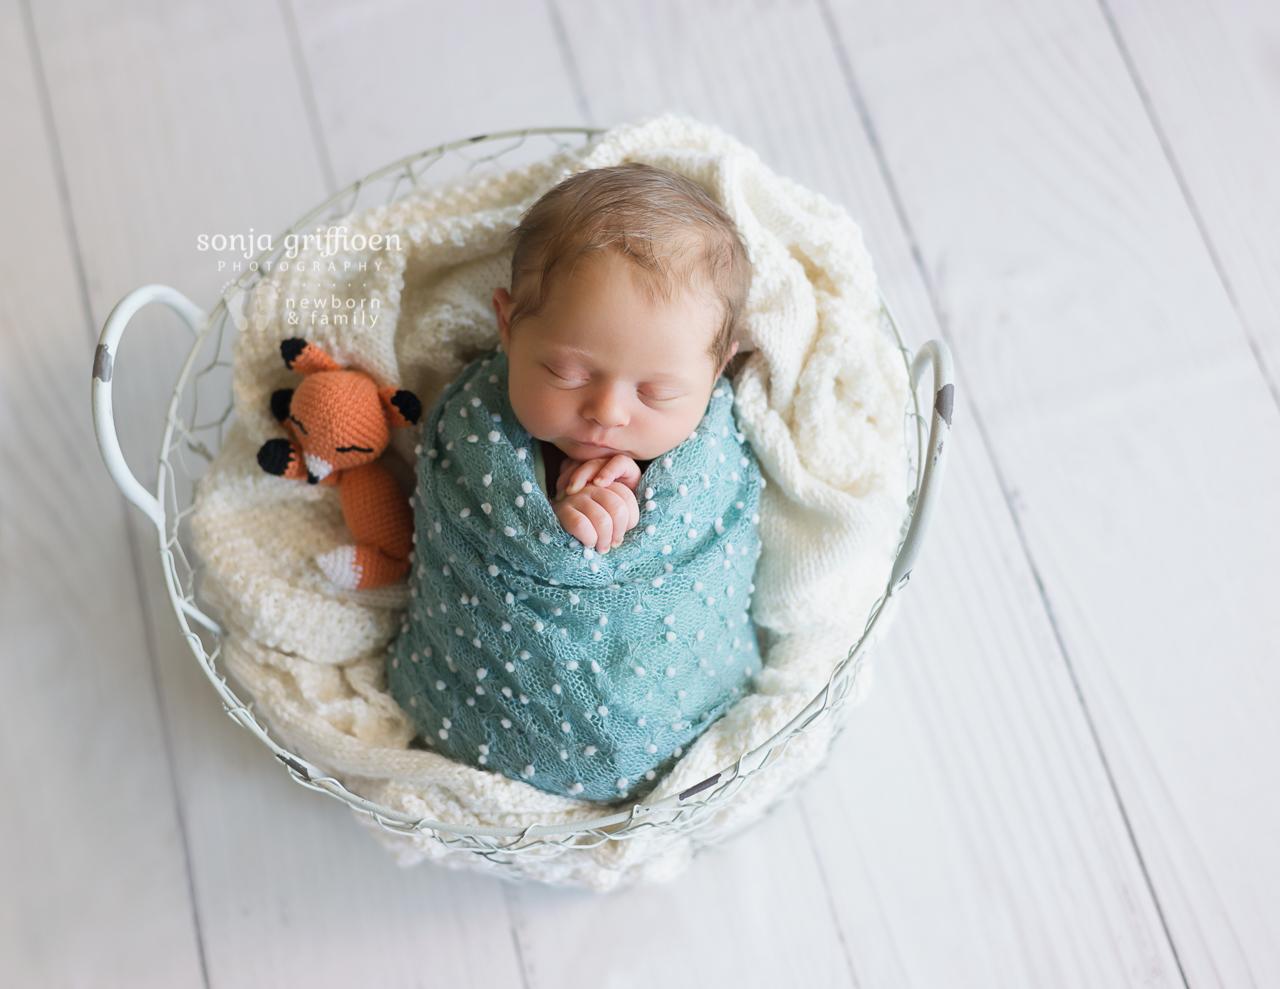 Isabelle-Newborn-Brisbane-Newborn-Photographer-Sonja-Griffioen-14.jpg